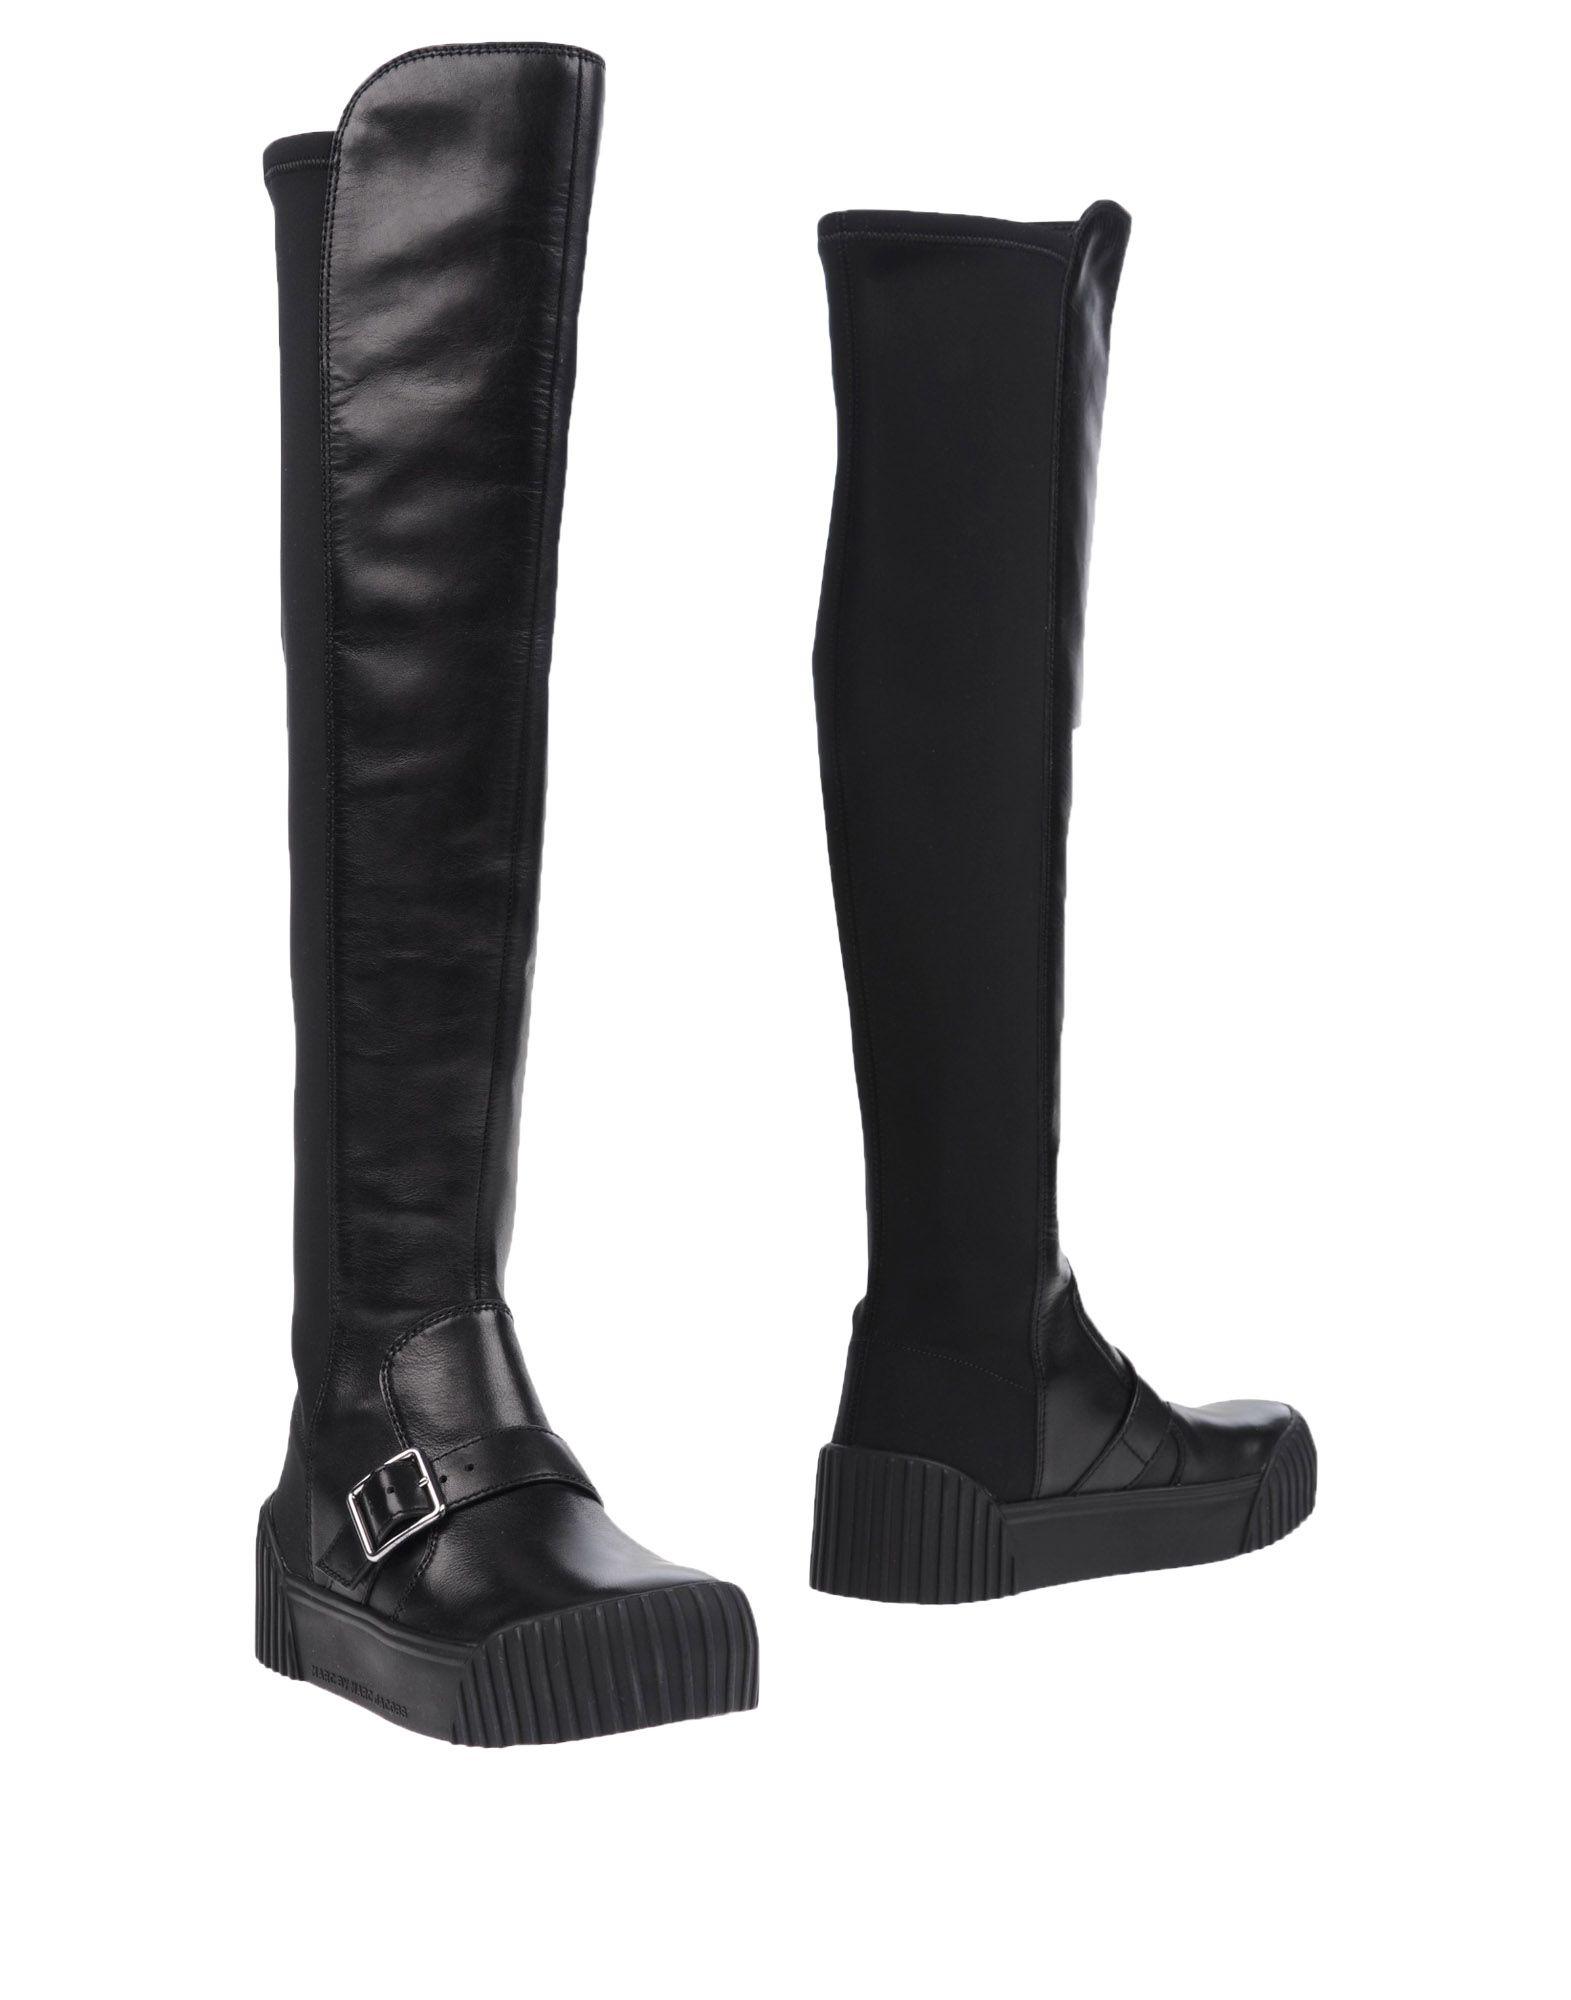 Marc By Marc Jacobs Stiefel Damen  11224610VVGünstige gut aussehende Schuhe